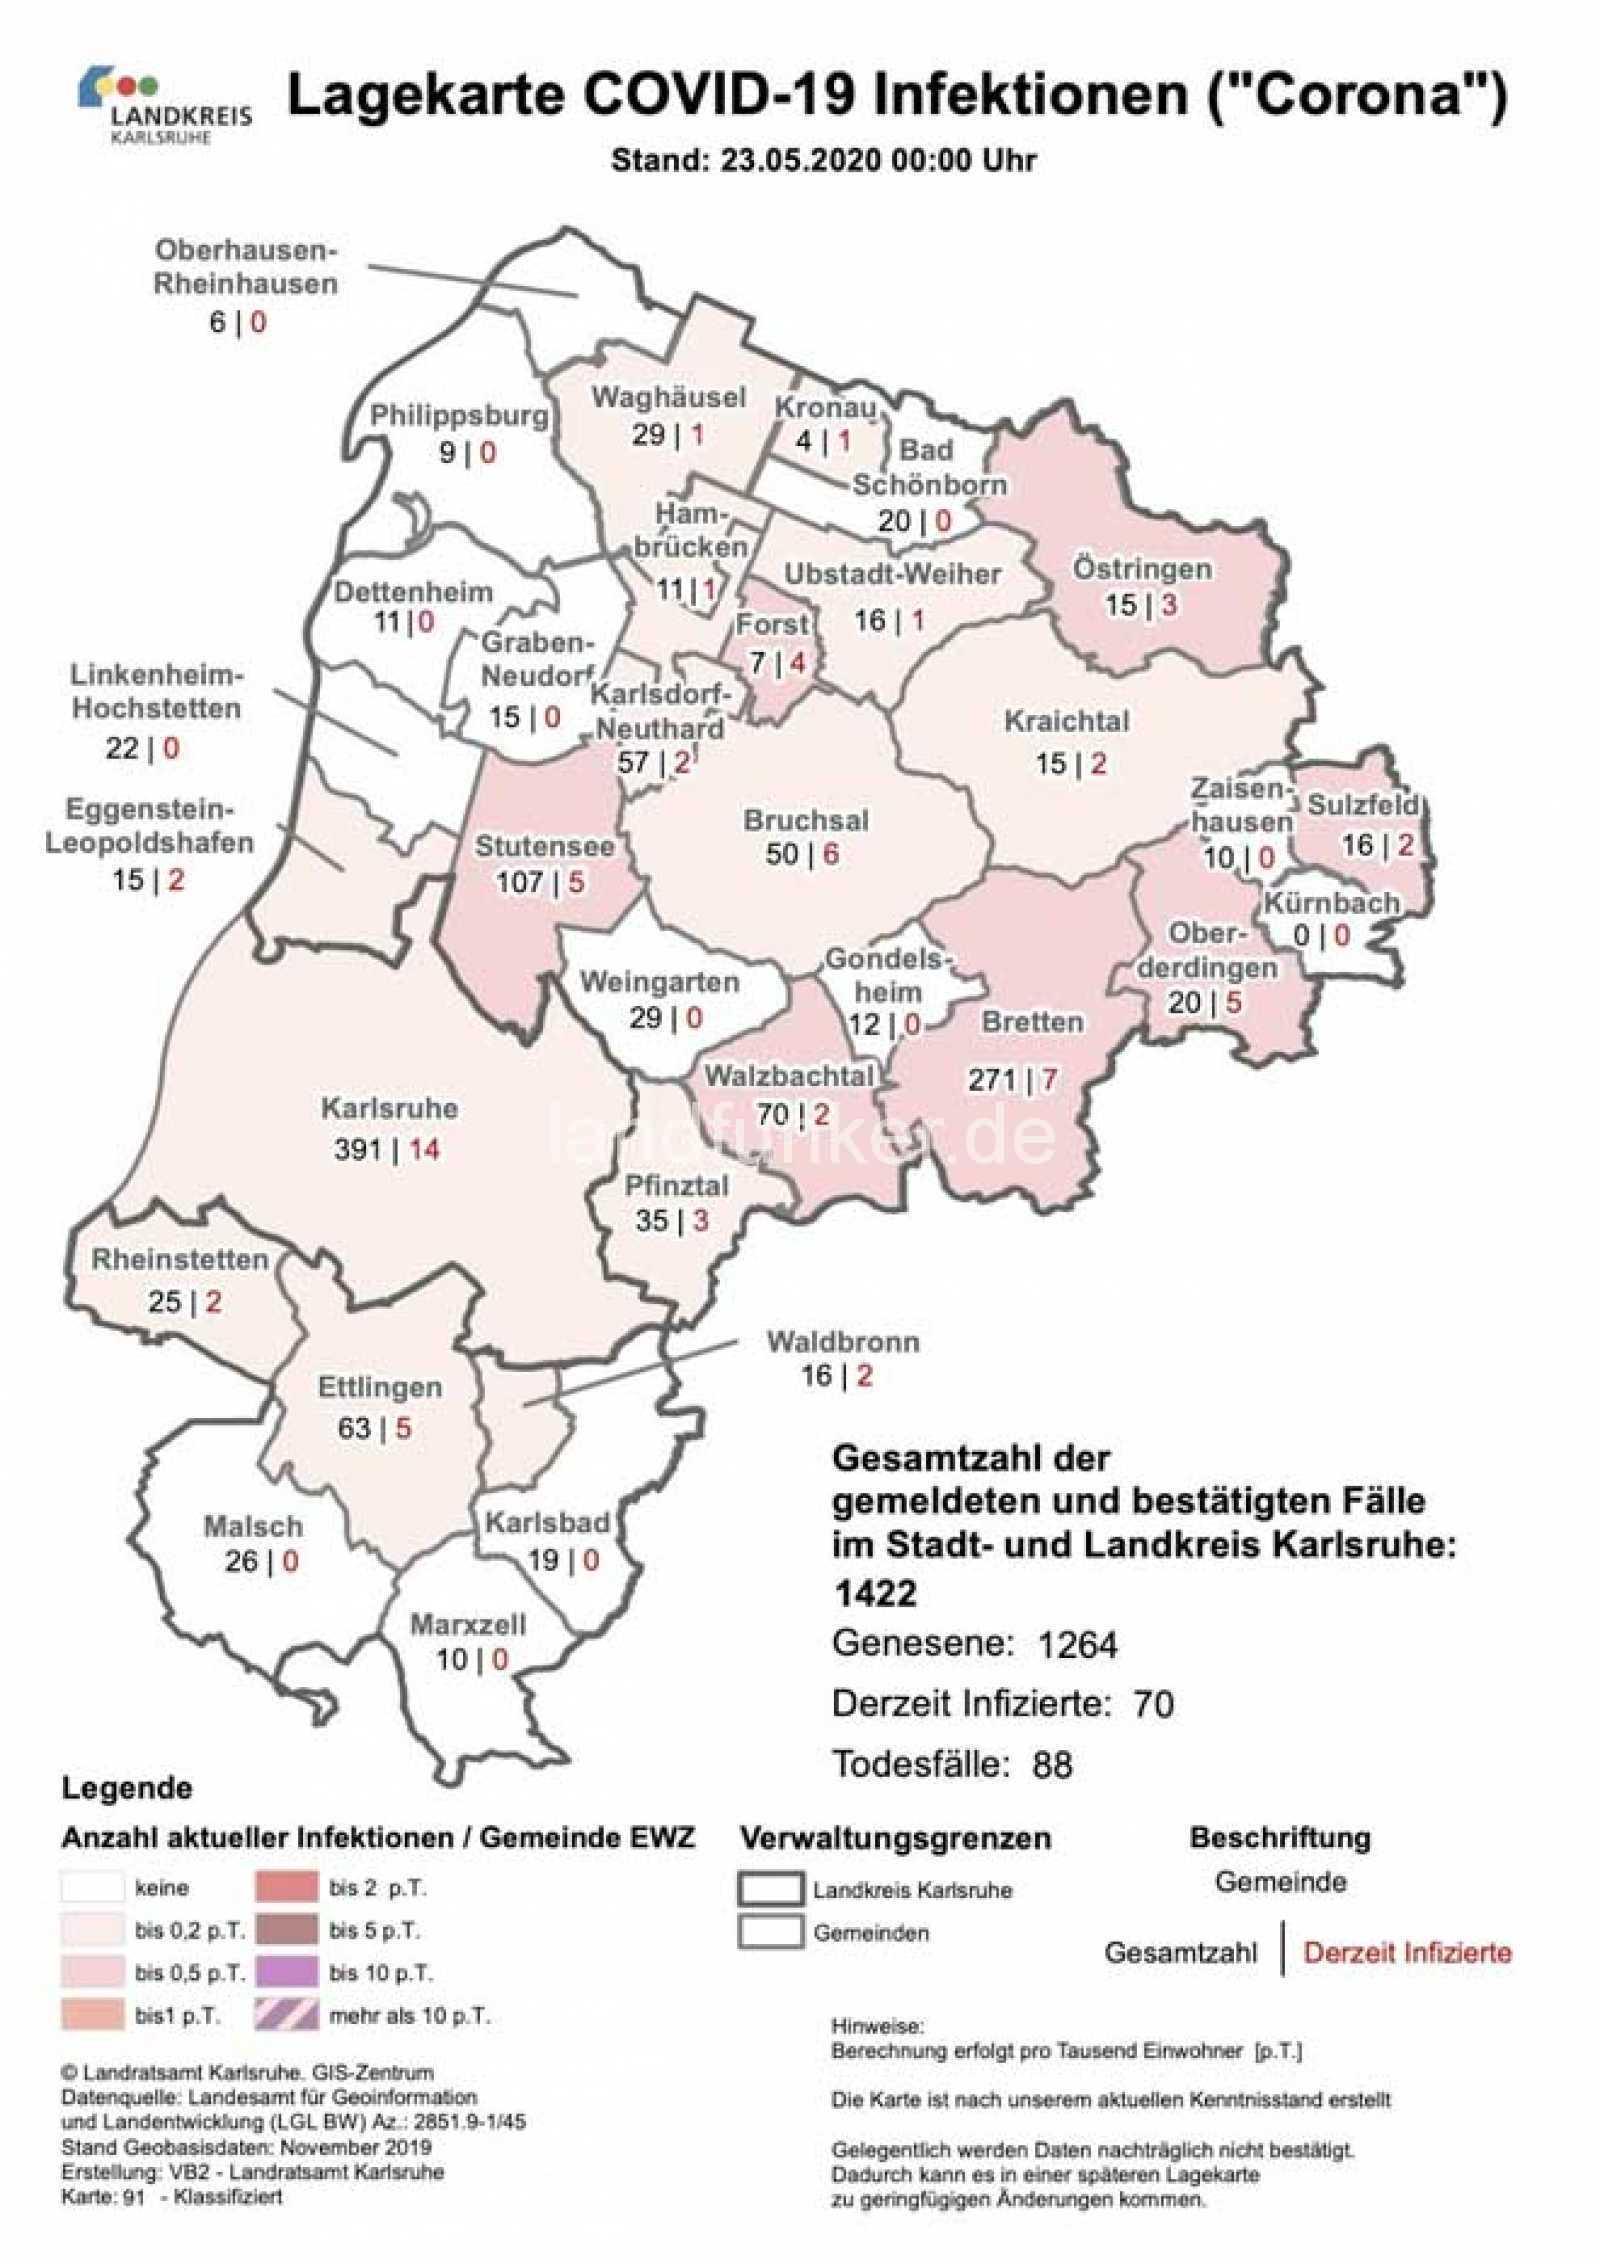 Corona Landkreis Karlsruhe